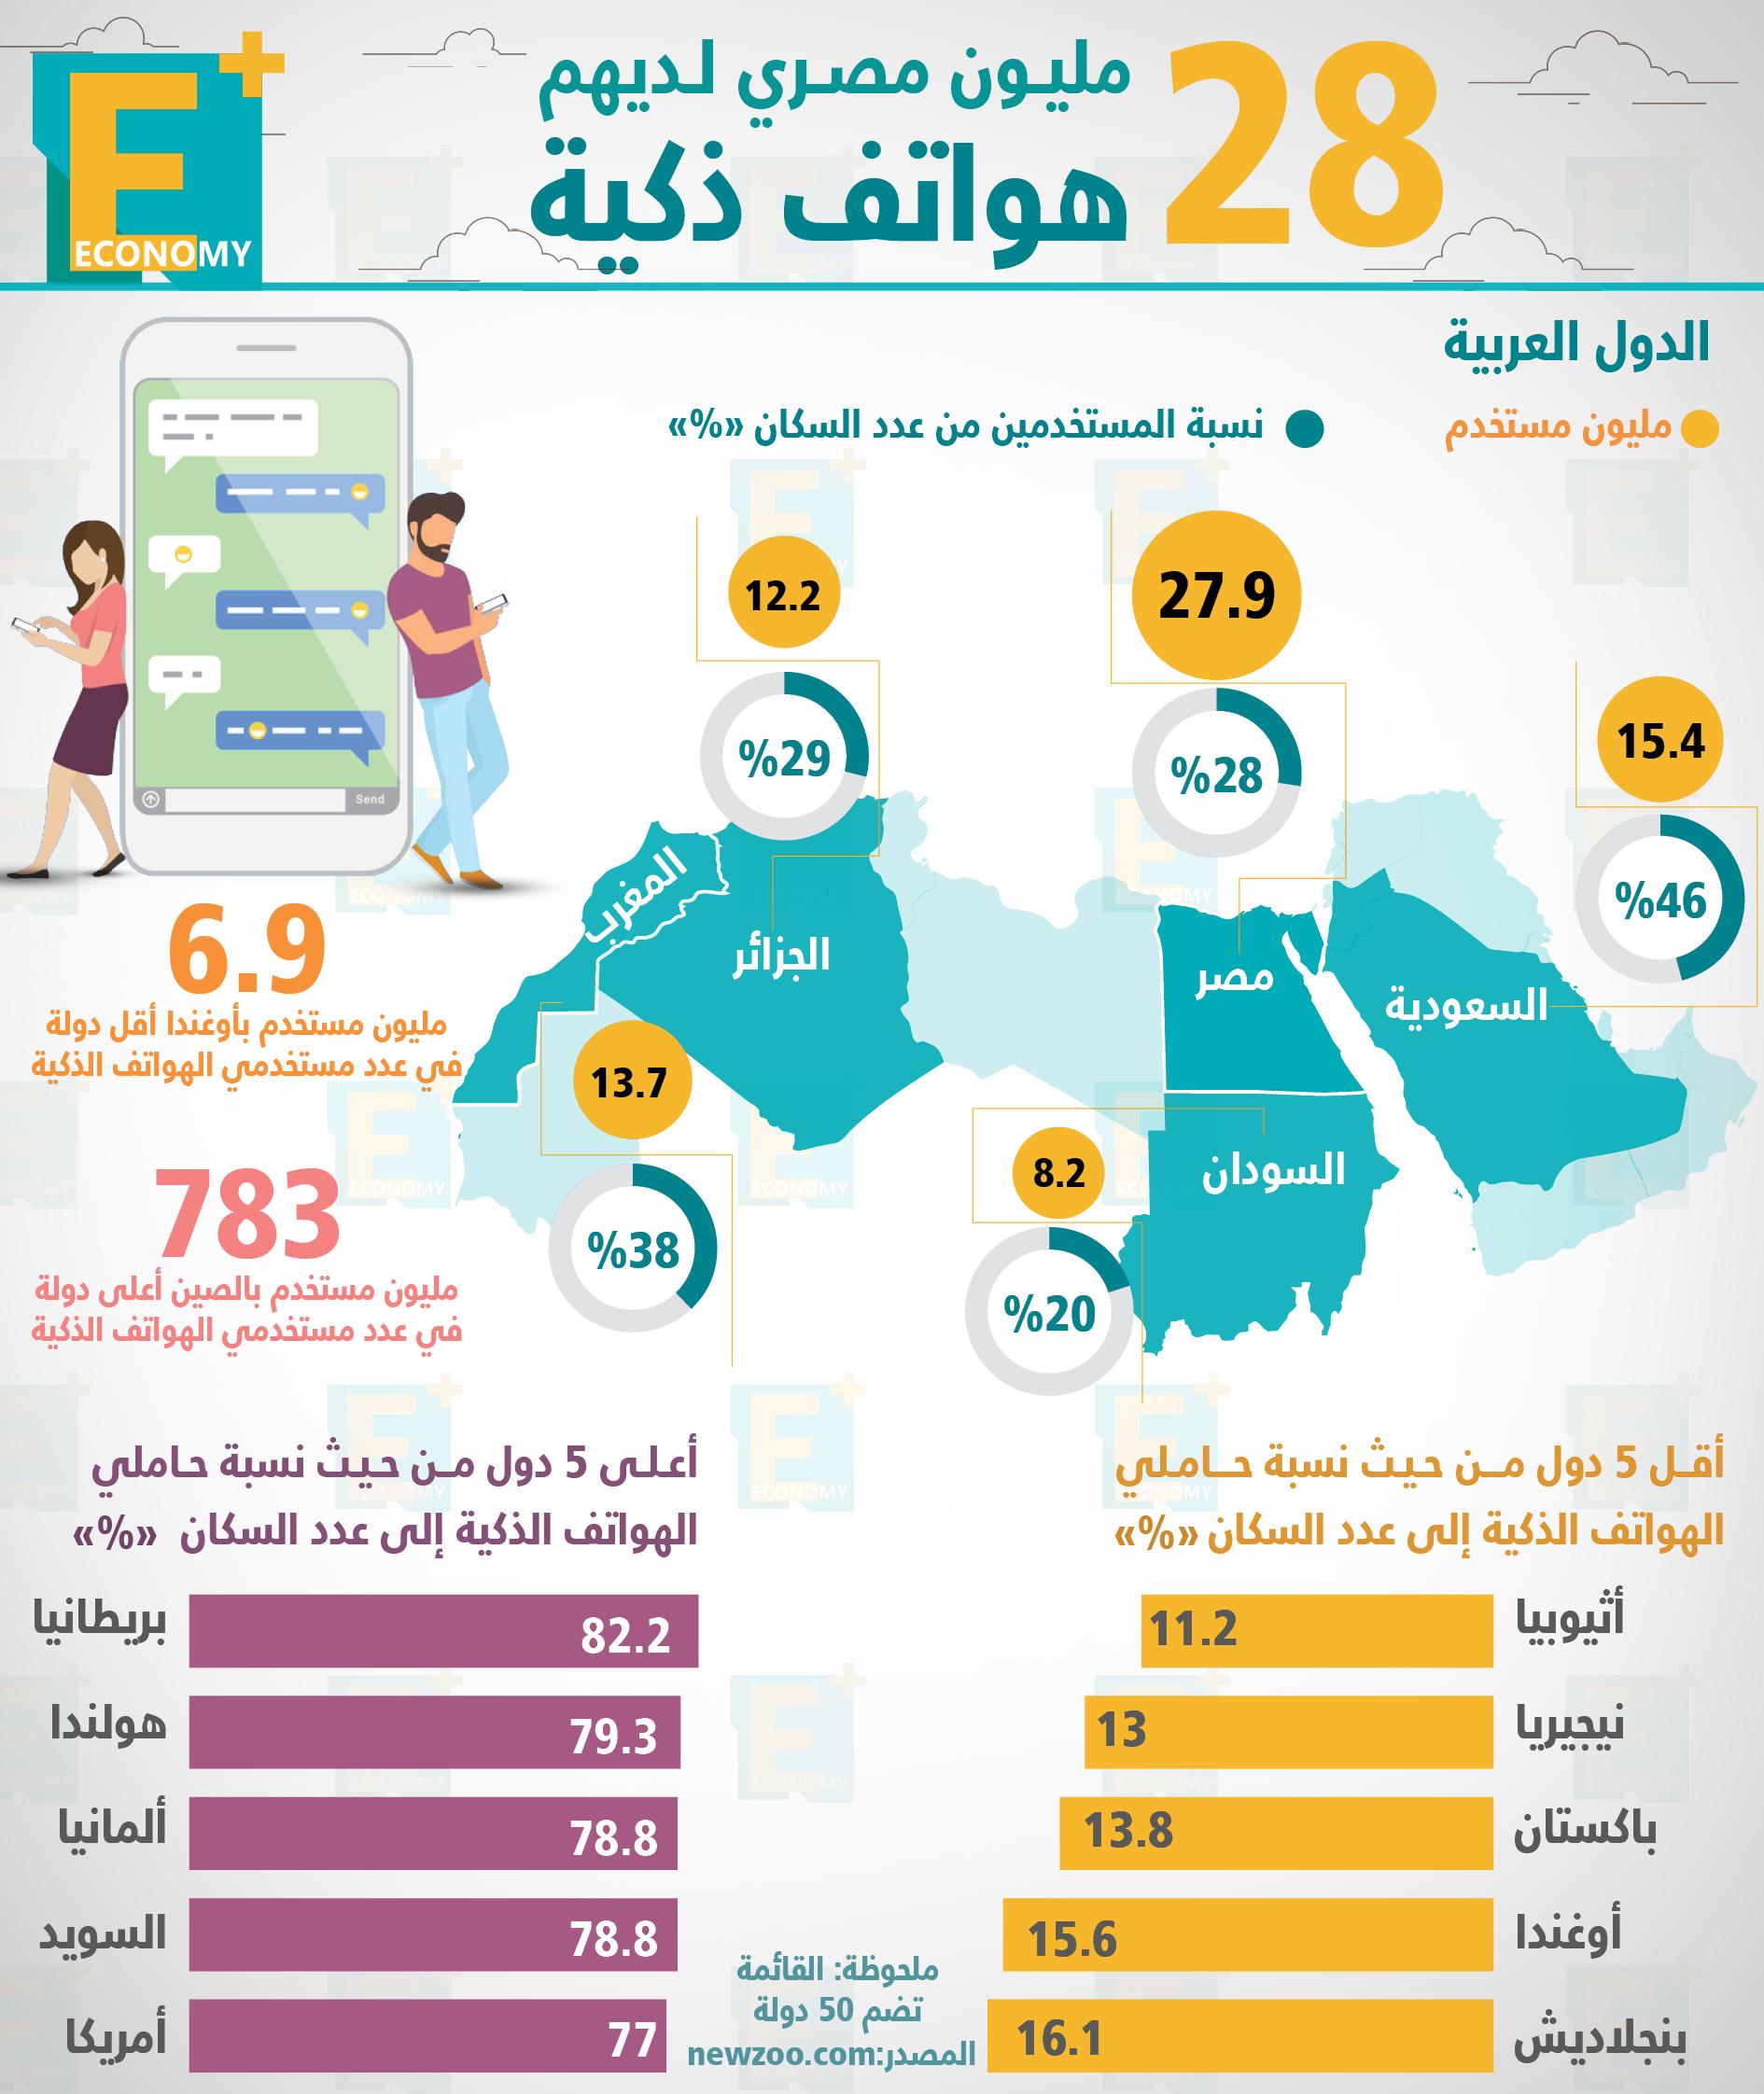 28 مليون مصري لديهم هواتف ذكية